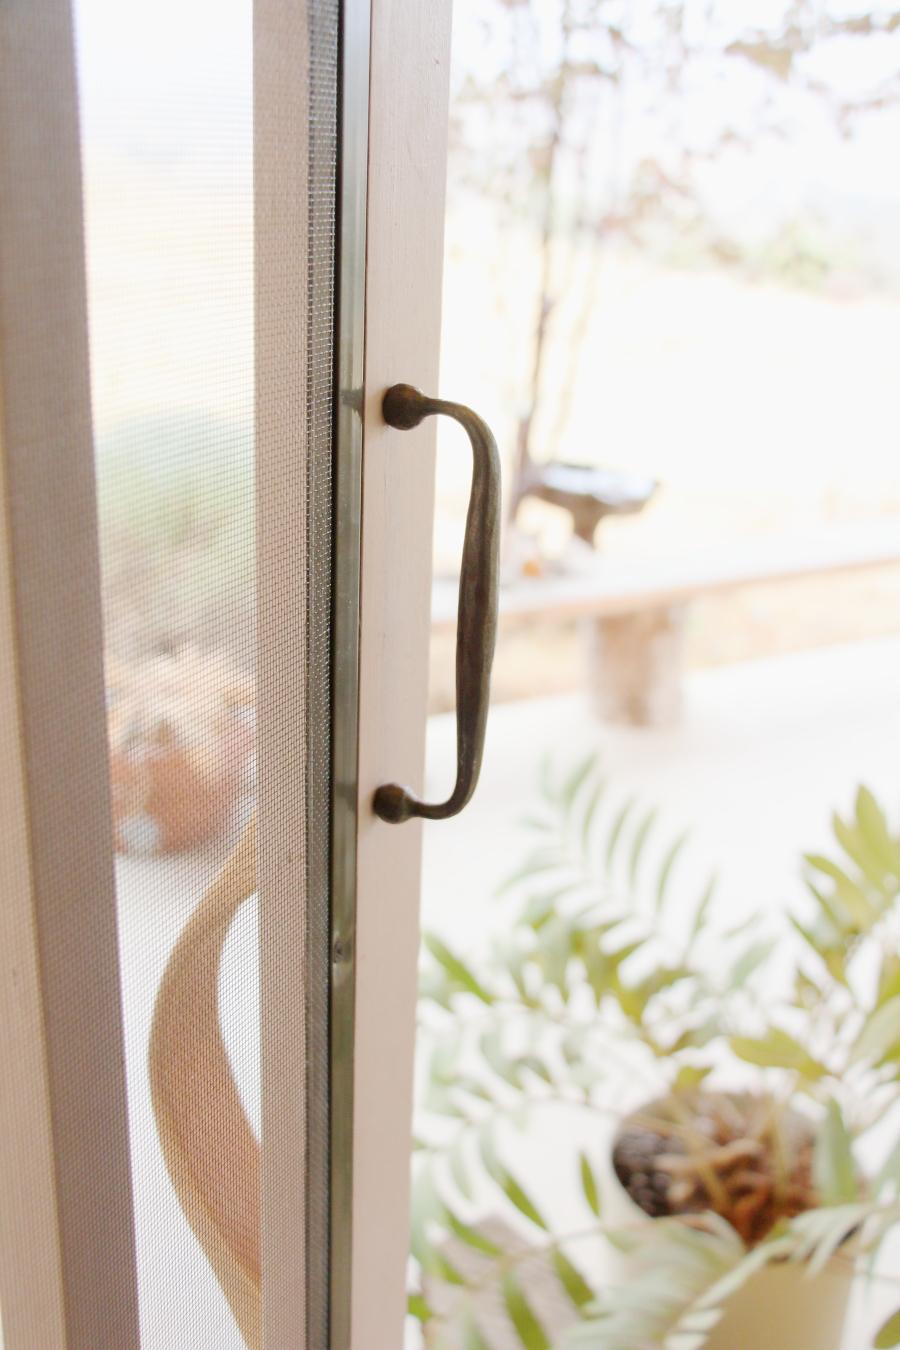 door_handle_2.JPG